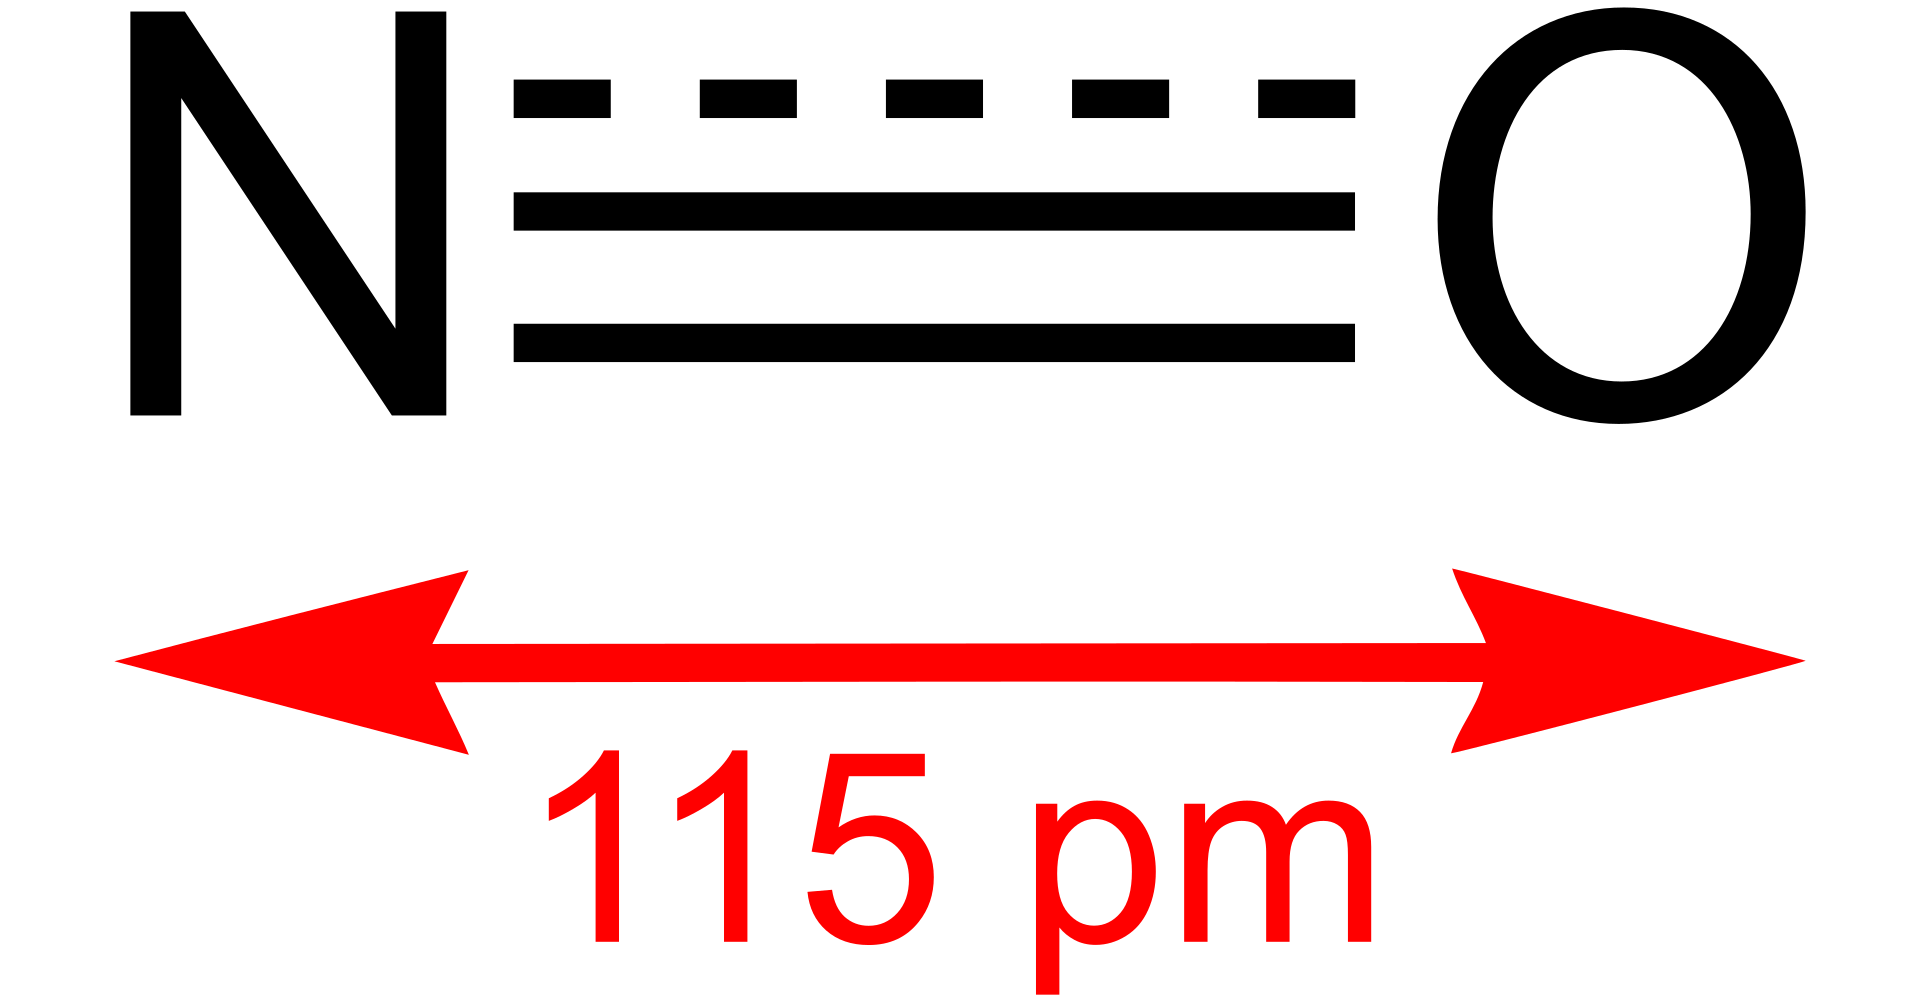 Оксид азота для для профилактики и лечения тяжелых пациентов с COVID-19